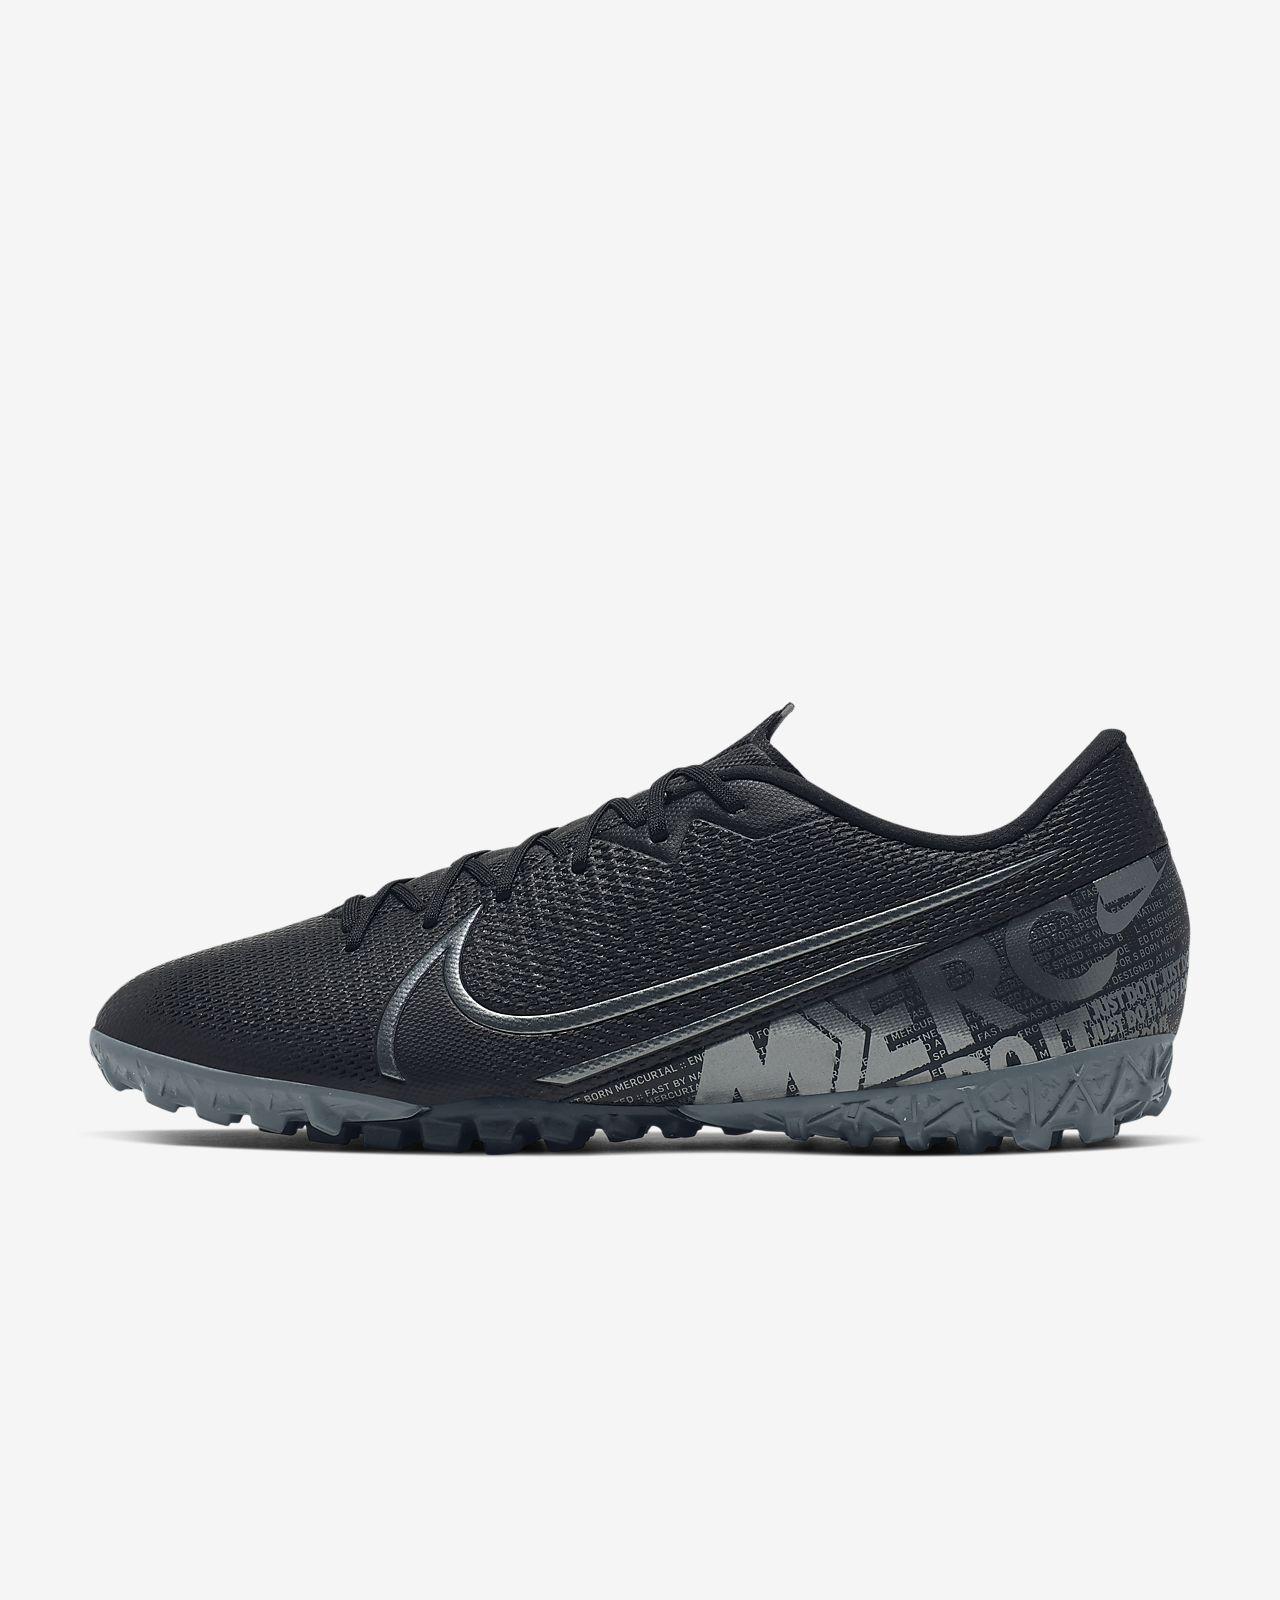 Ποδοσφαιρικό παπούτσι για χλοοτάπητα Nike Mercurial Vapor 13 Academy TF